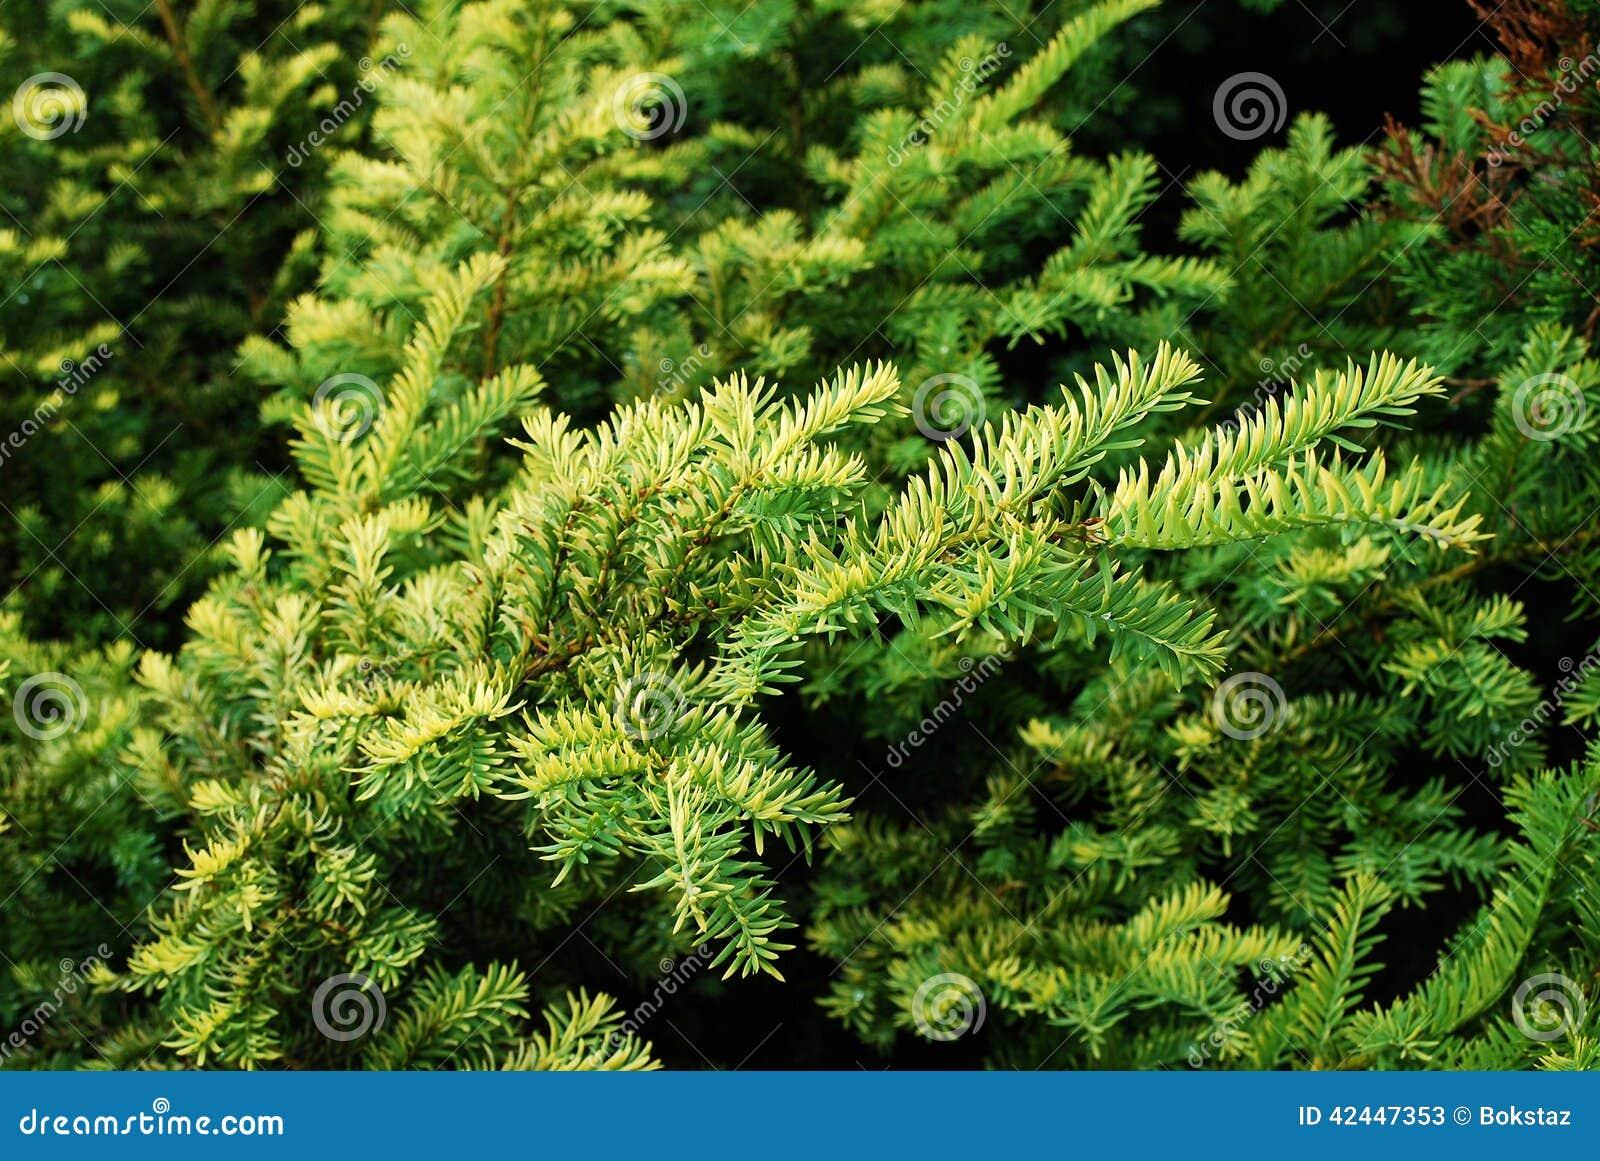 haut troit de petites de sapin d 39 arbre feuilles de vert photo stock image 42447353. Black Bedroom Furniture Sets. Home Design Ideas